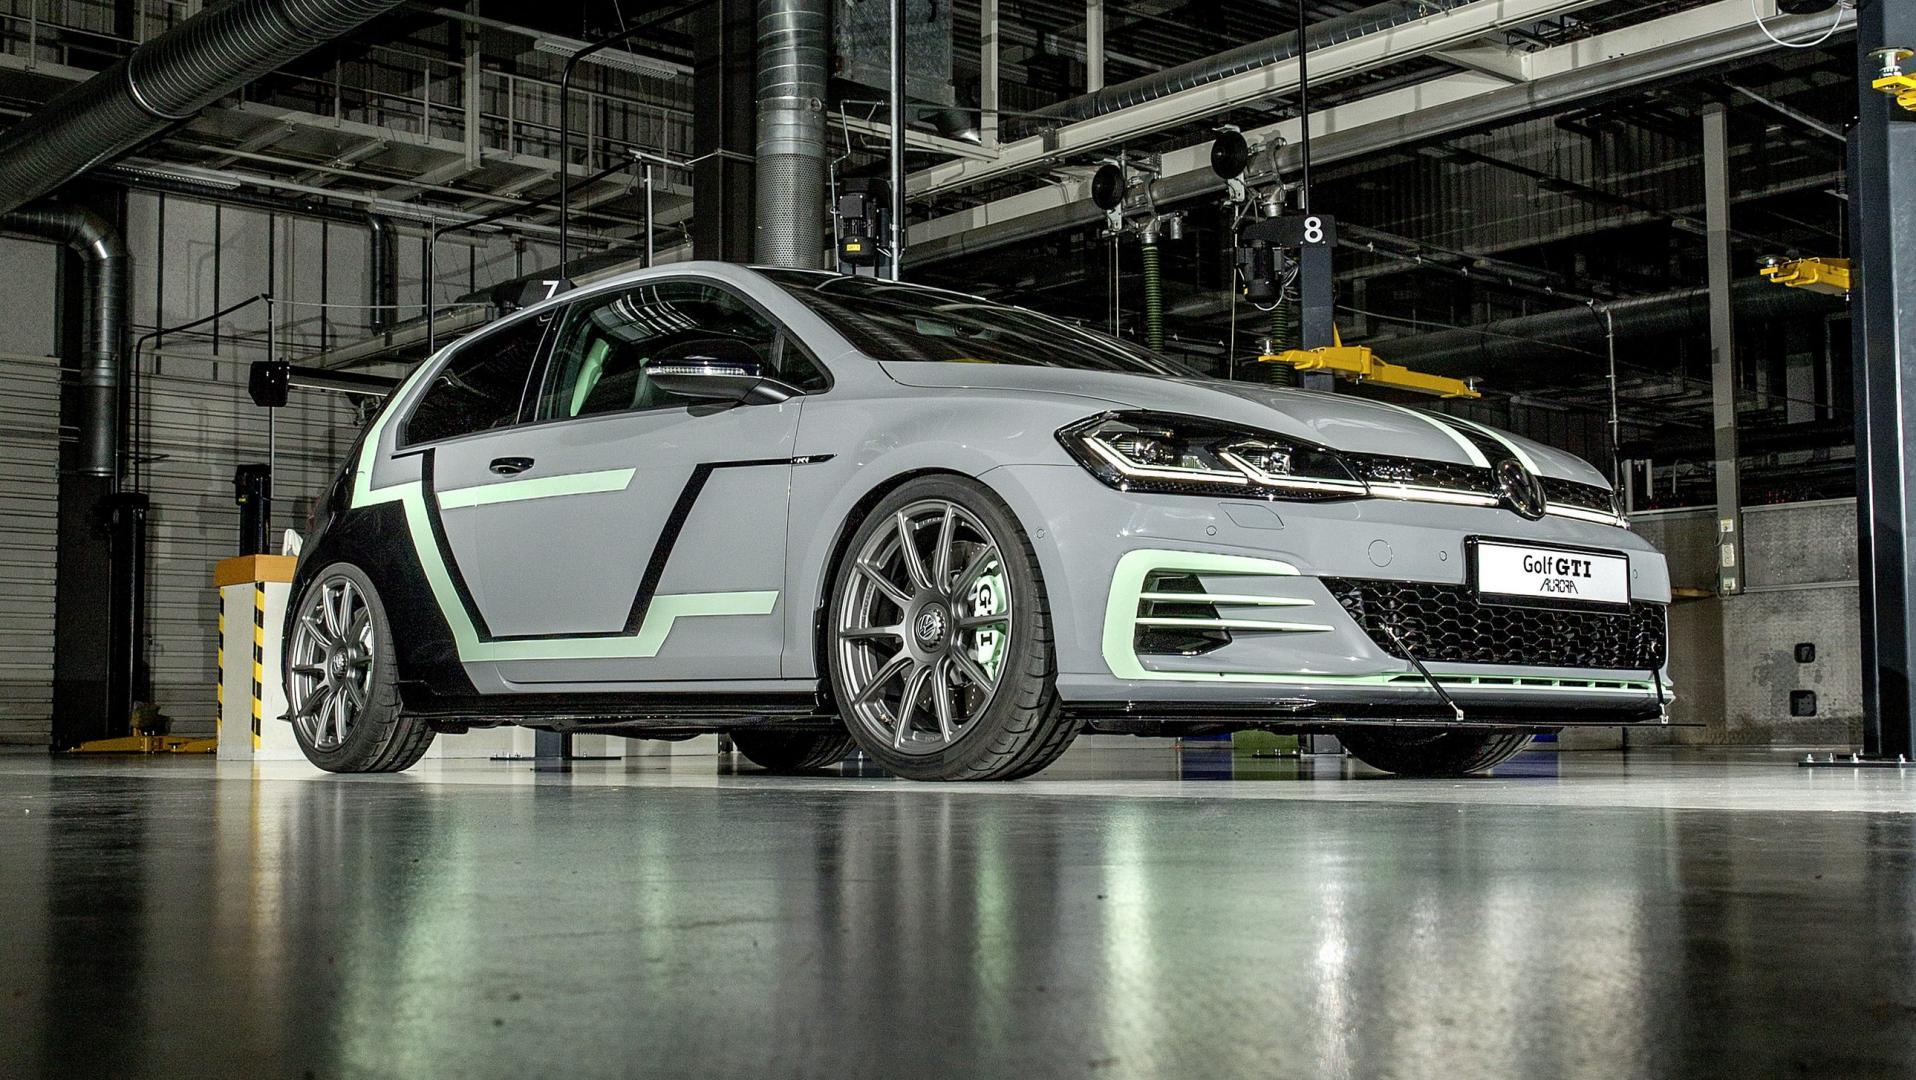 Volkswagen Golf GTI Aurora